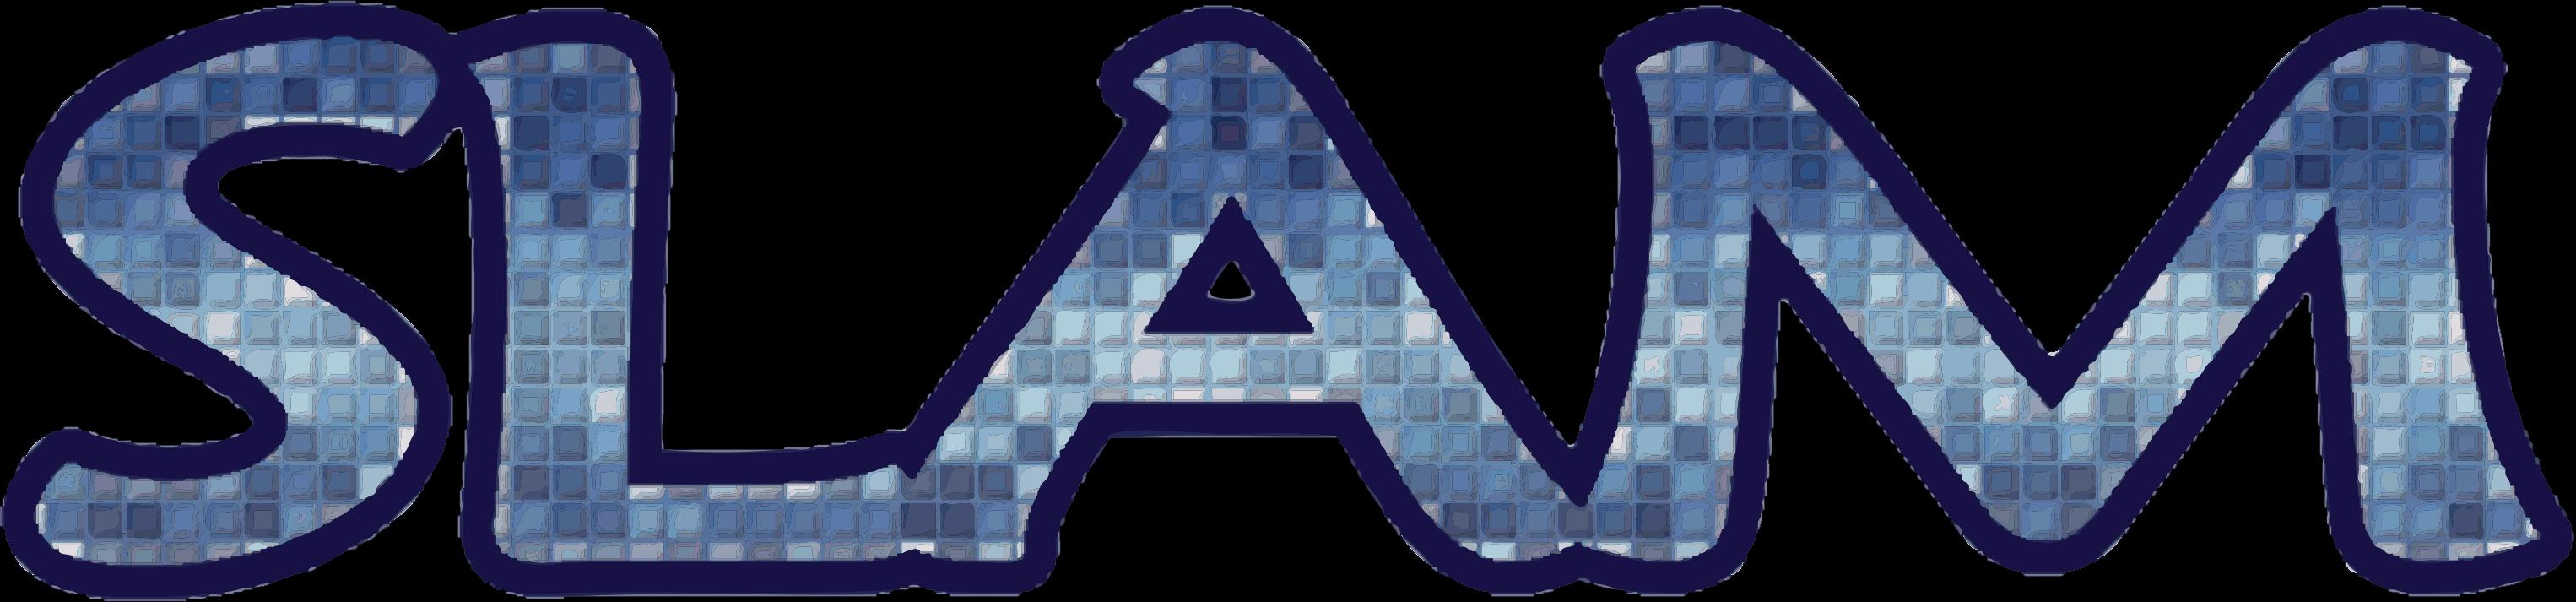 Student Liberal Arts Mosaic